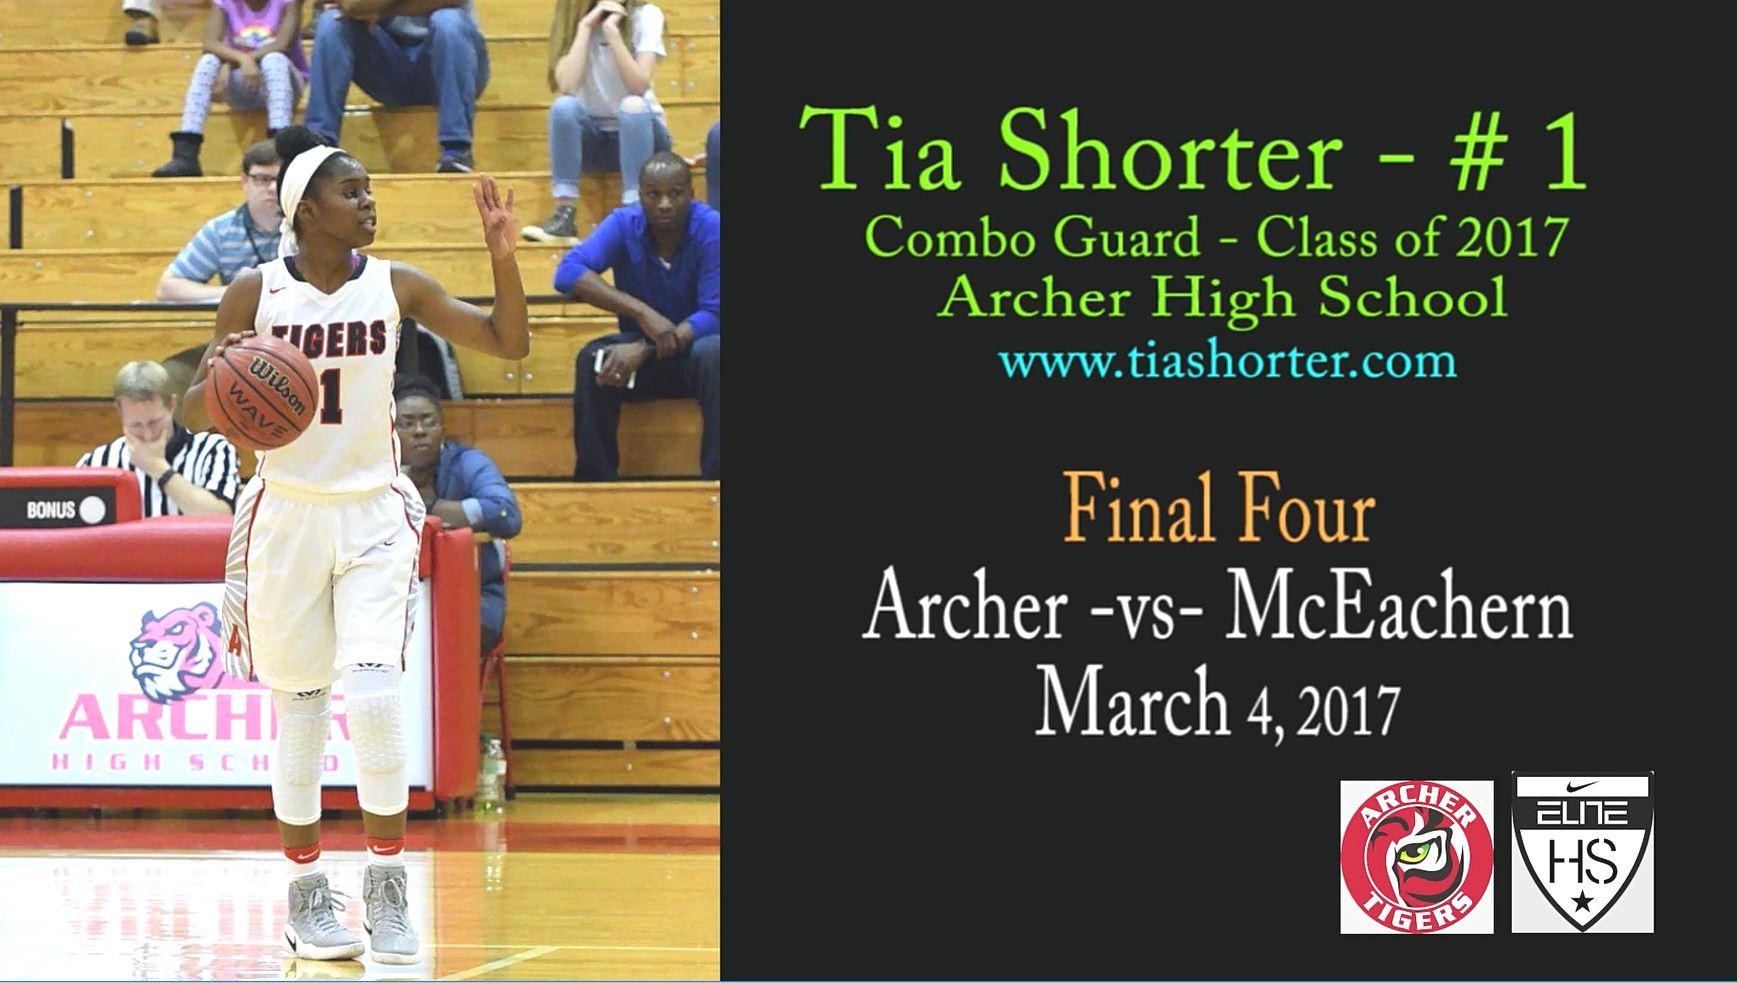 Final Four:  Archer vs McEachern (March 4, 2017)